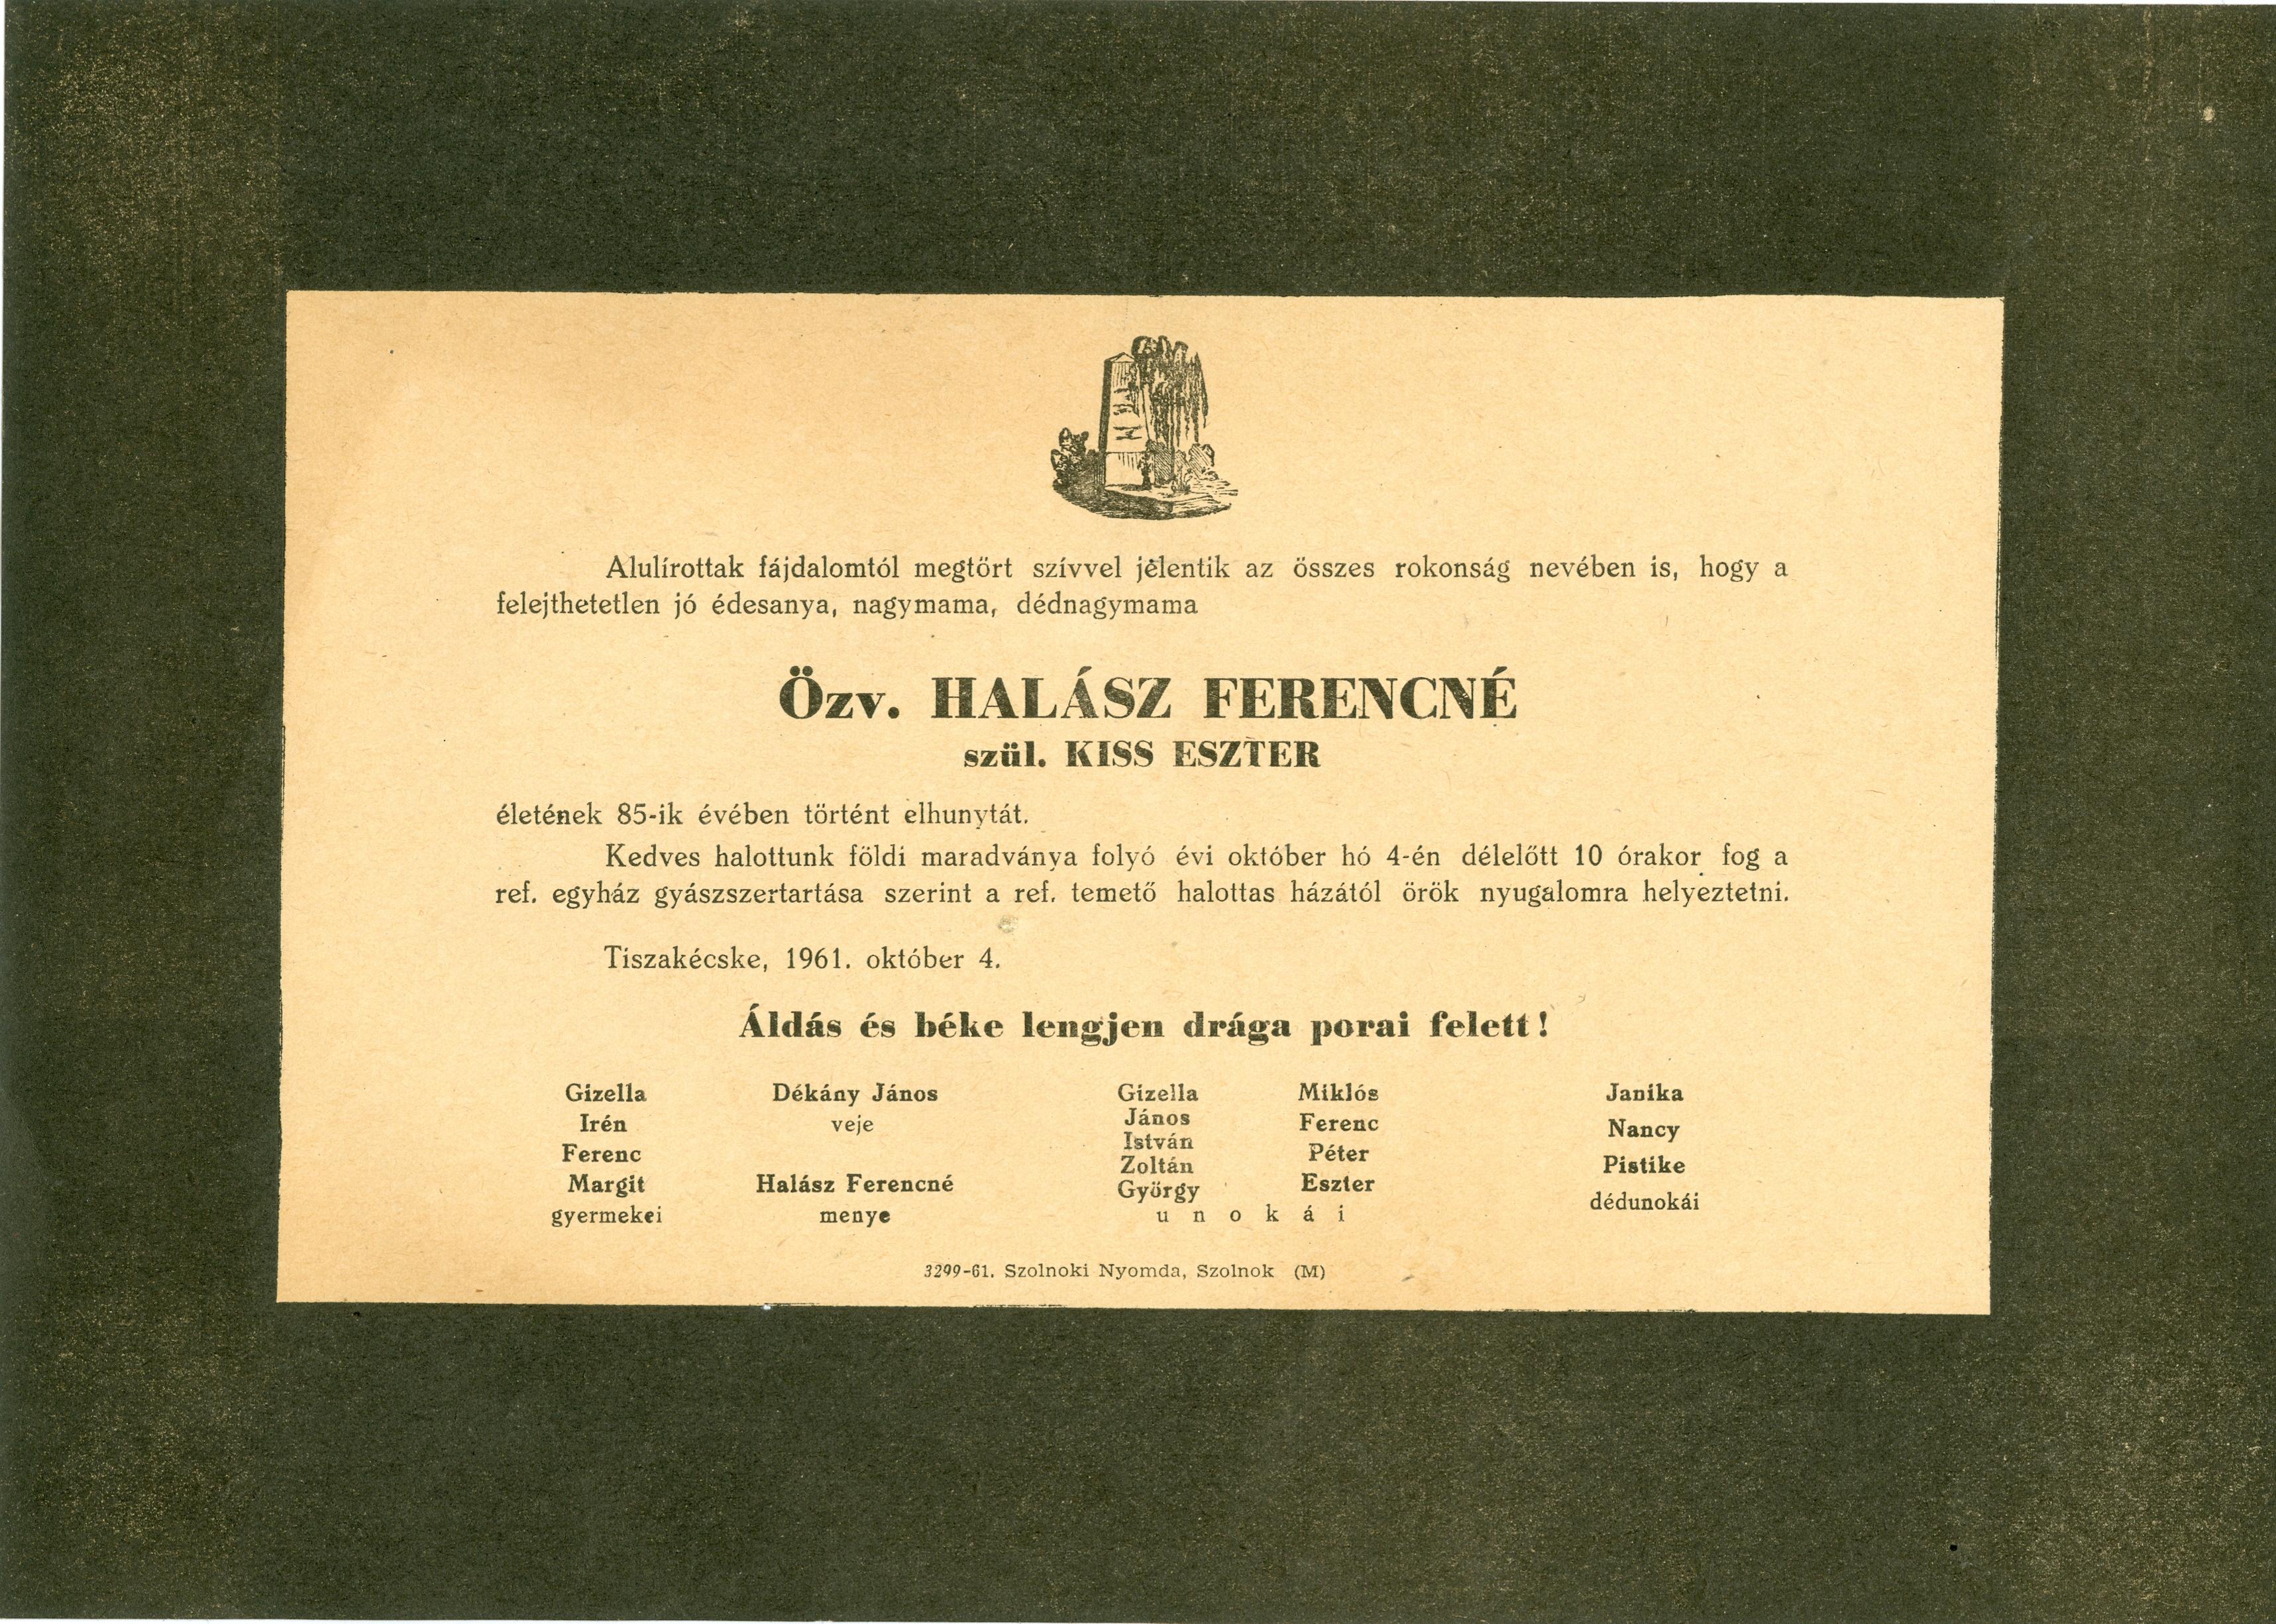 Halász Ferencné